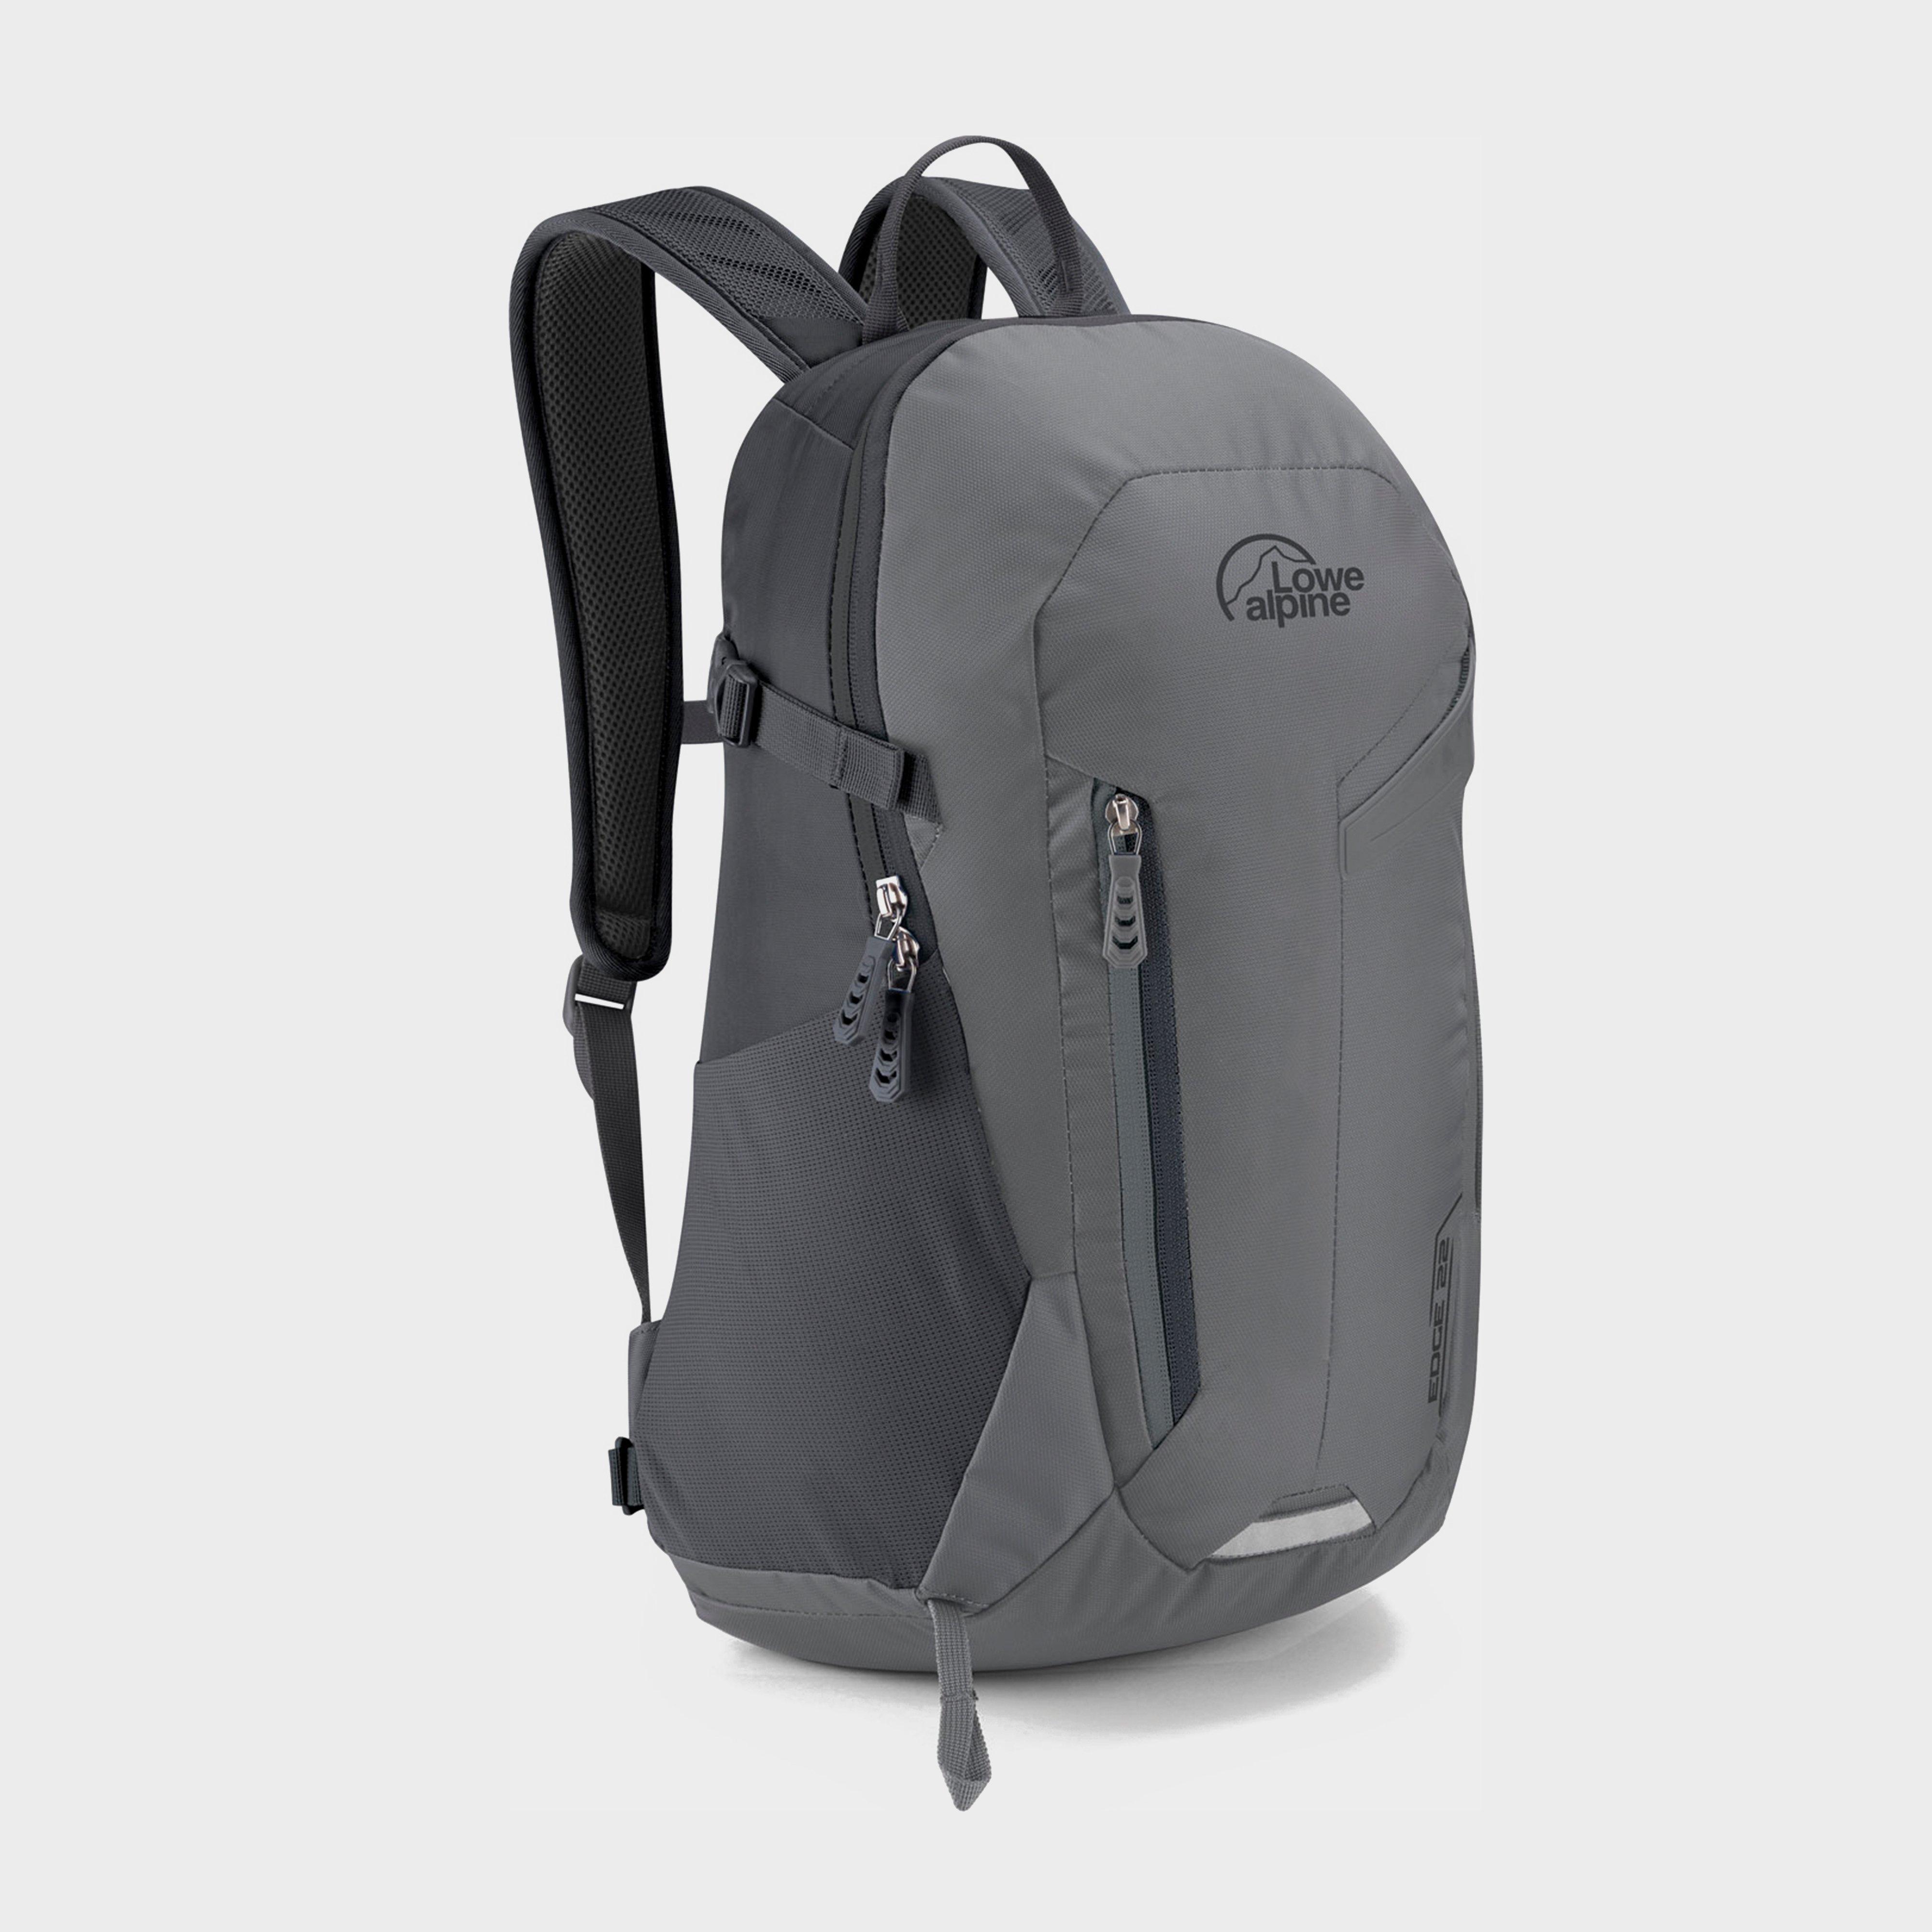 Lowe Alpine Lowe Alpine Edge II 22 Daysack - Grey, Grey